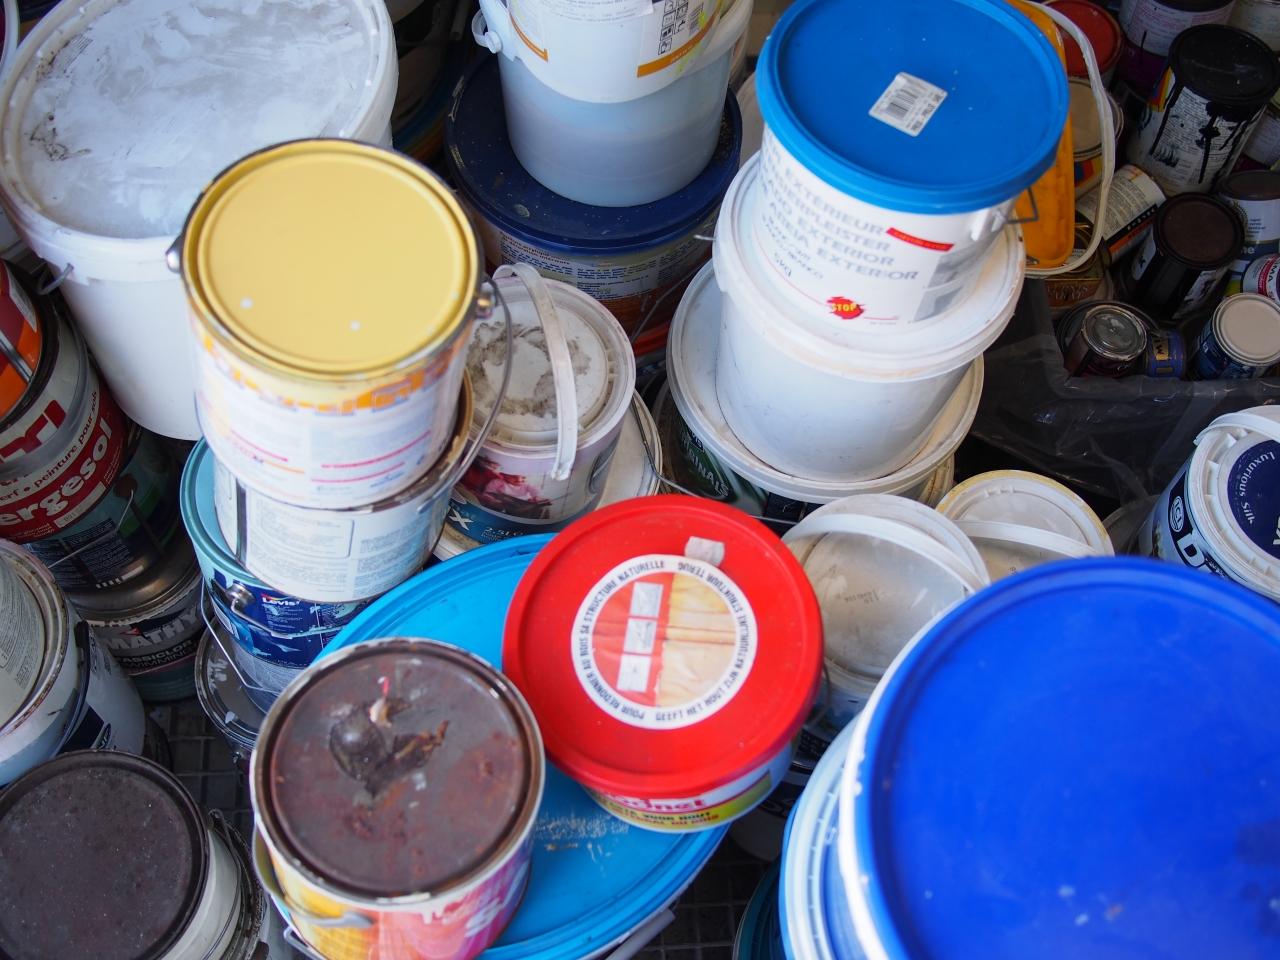 une collecte des d chets chimiques ce samedi dans l agglom ration. Black Bedroom Furniture Sets. Home Design Ideas